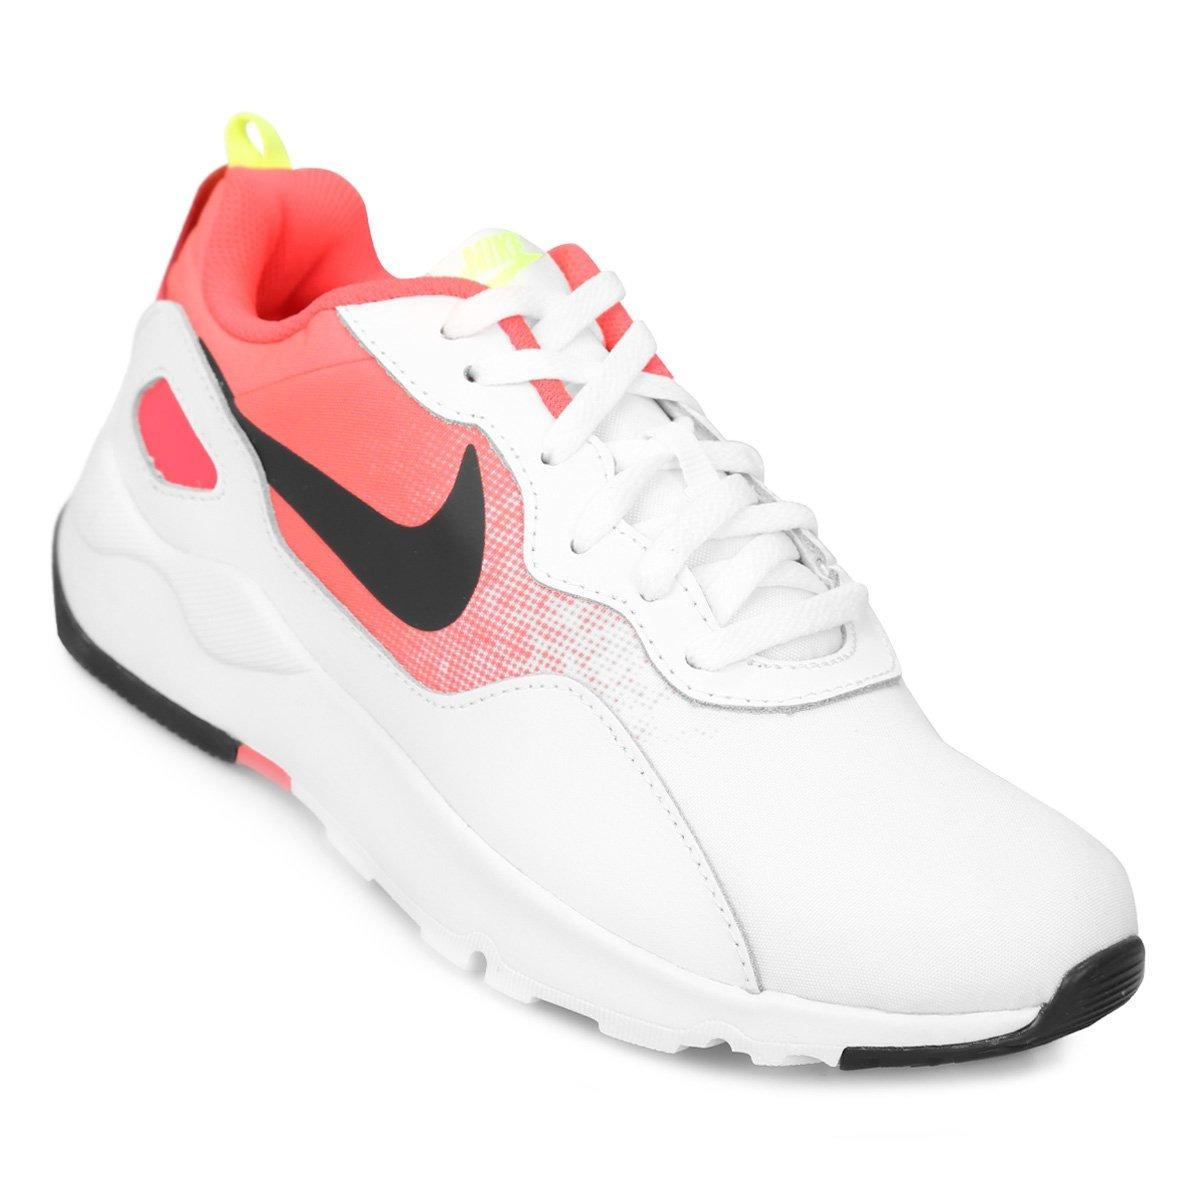 zapatillas nike ld runner - mujer - blanco + rosa. Cargando zoom. 5acac644d512a